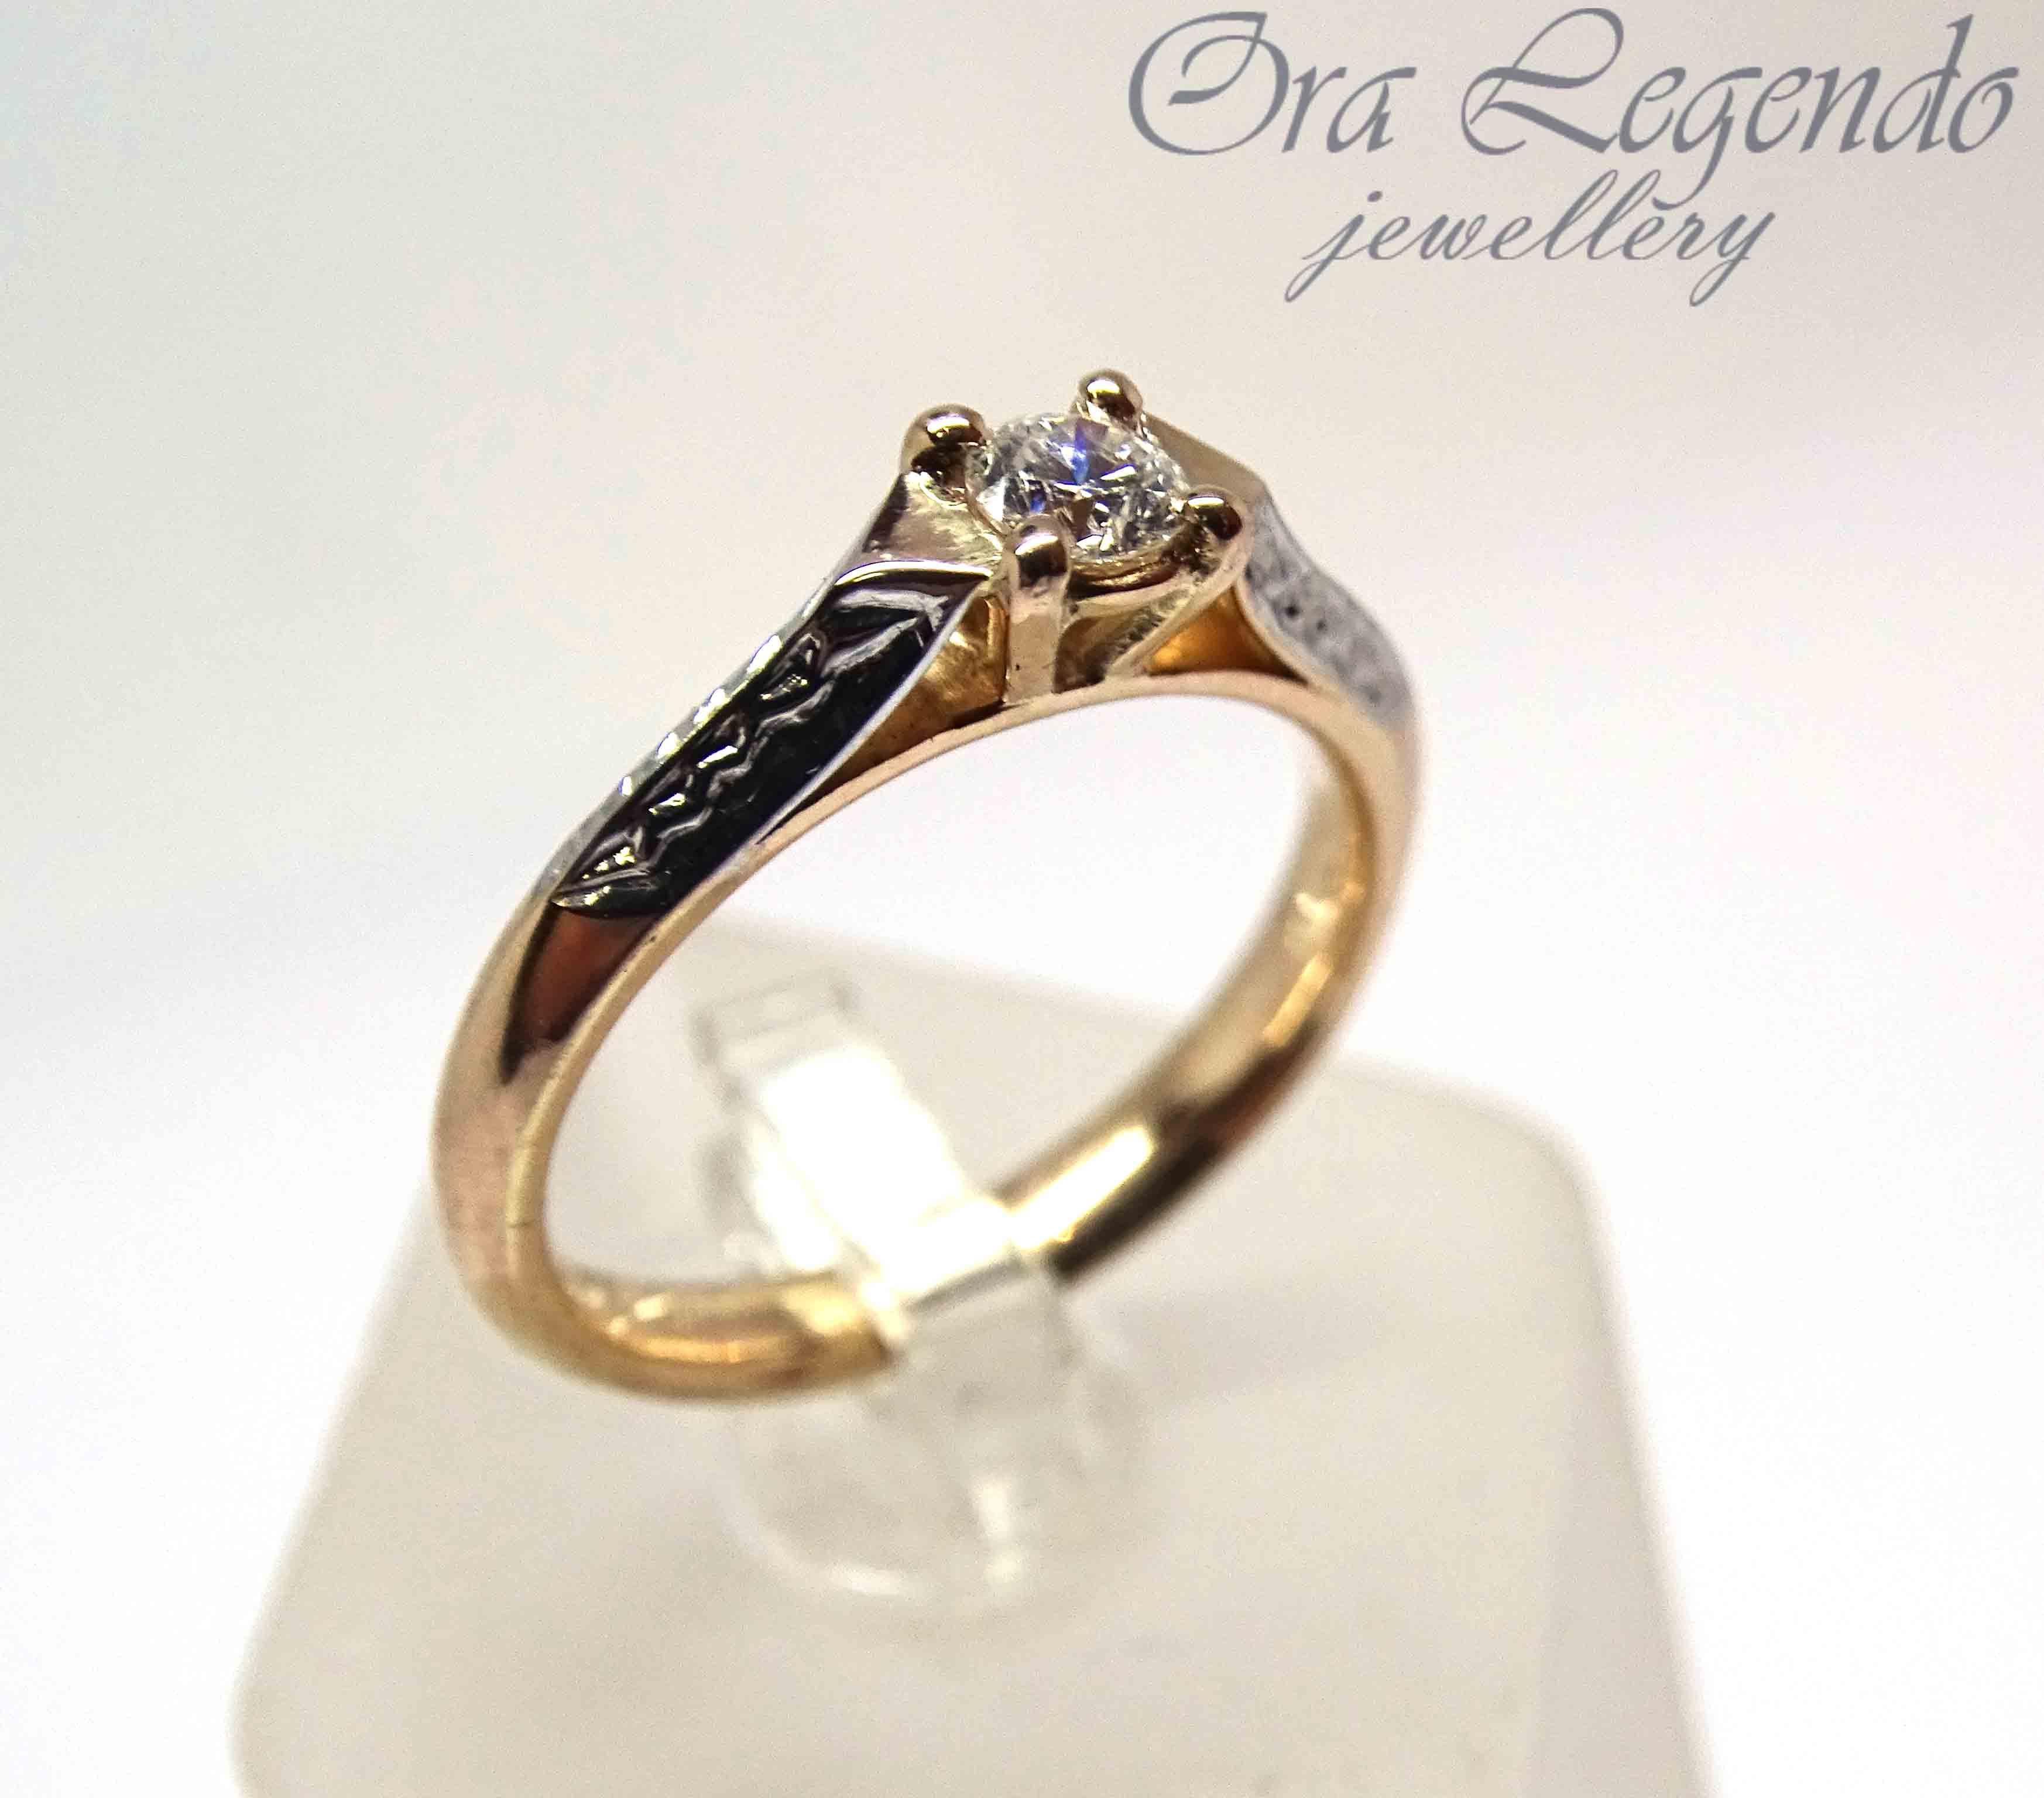 Помолвочное кольцо с бриллиантом 0,2 карата   Ora Legendo, Riga c41de733bff